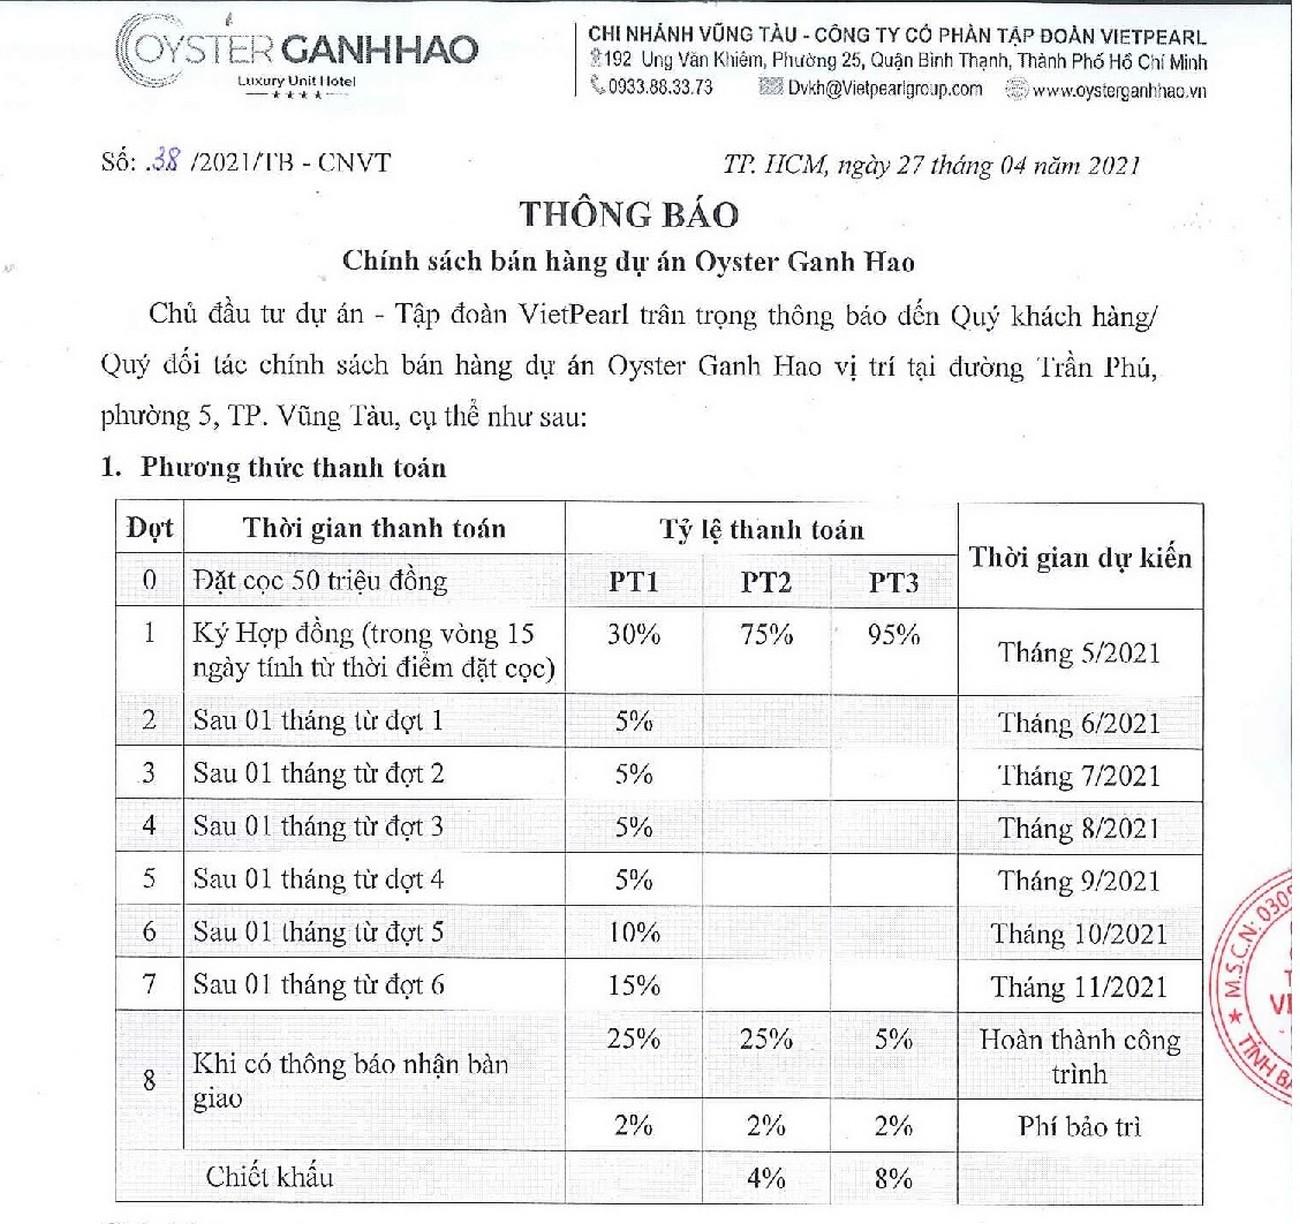 Phương thức thanh toán dự án căn hộ Condotel Oyster Gành Hào Vũng Tàu chủ đầu tư Vietpearl Group